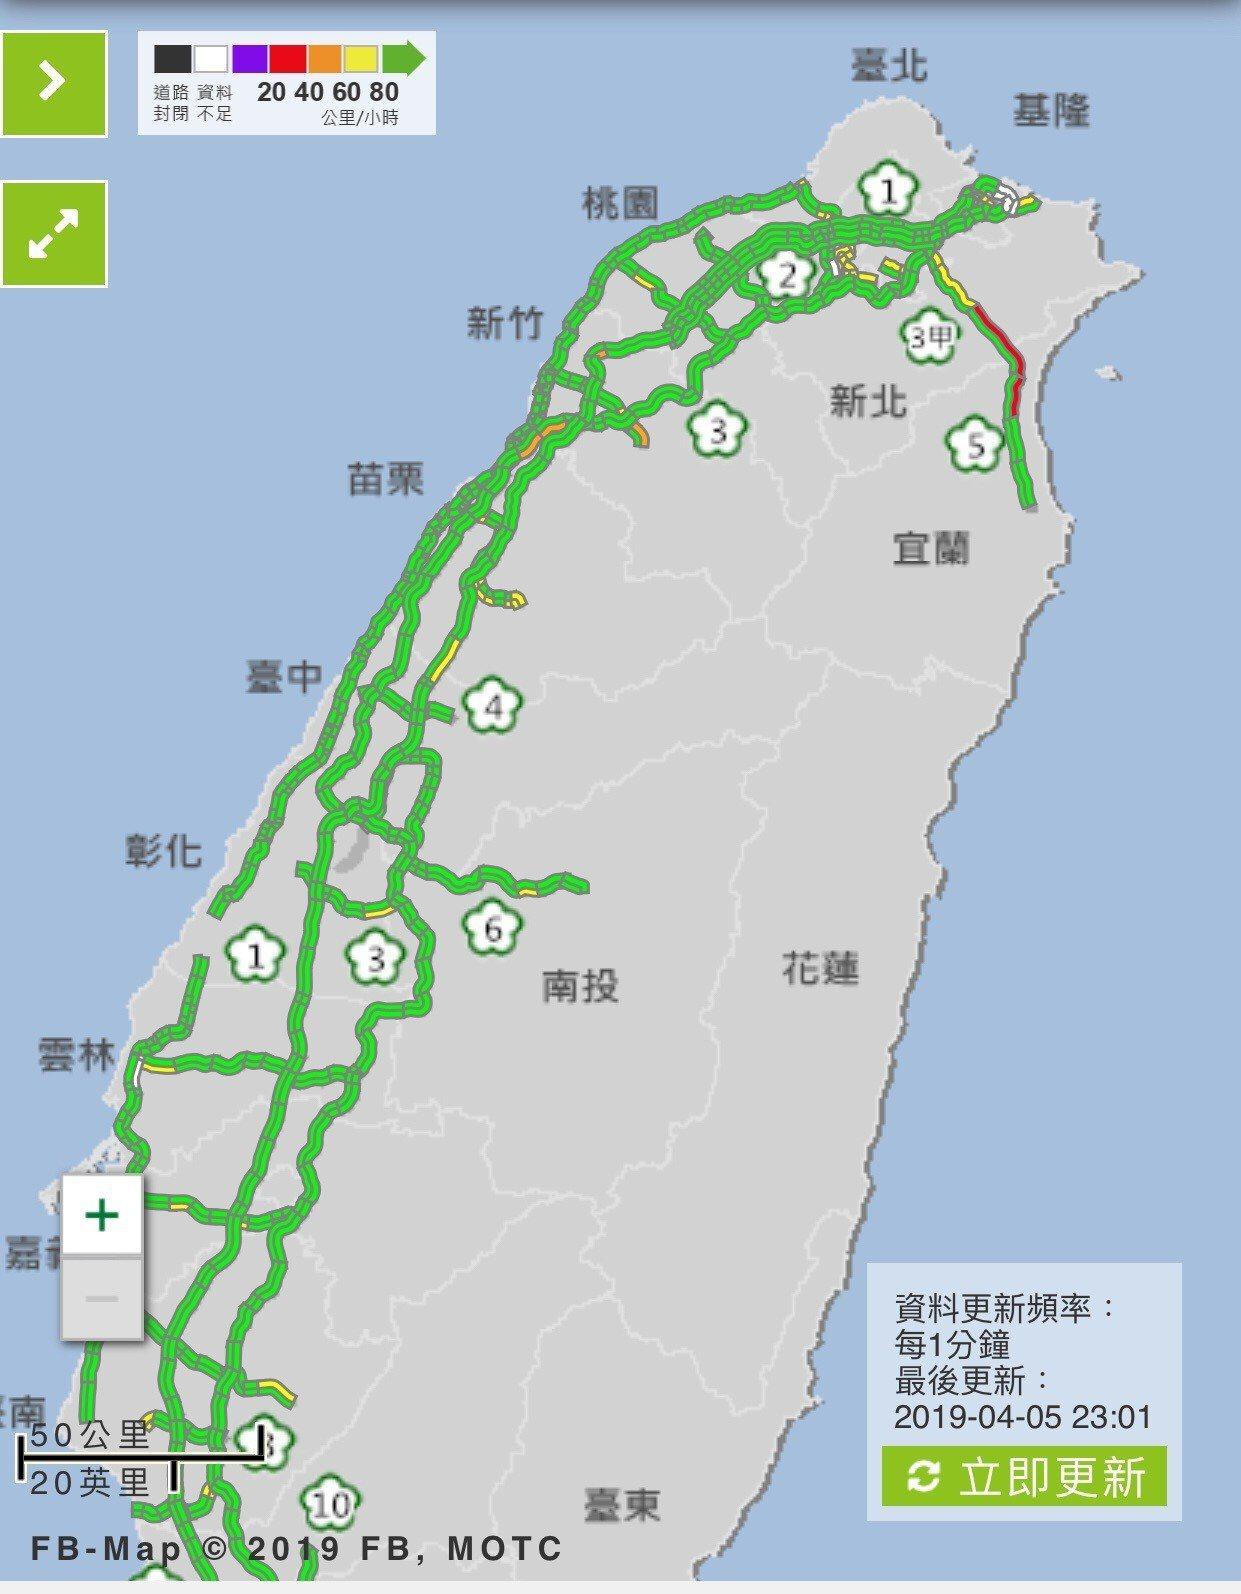 清明節深夜11點了,全台國道唯獨剩國五北上還在塞,萬綠當中「一條紅」。圖/截自高...